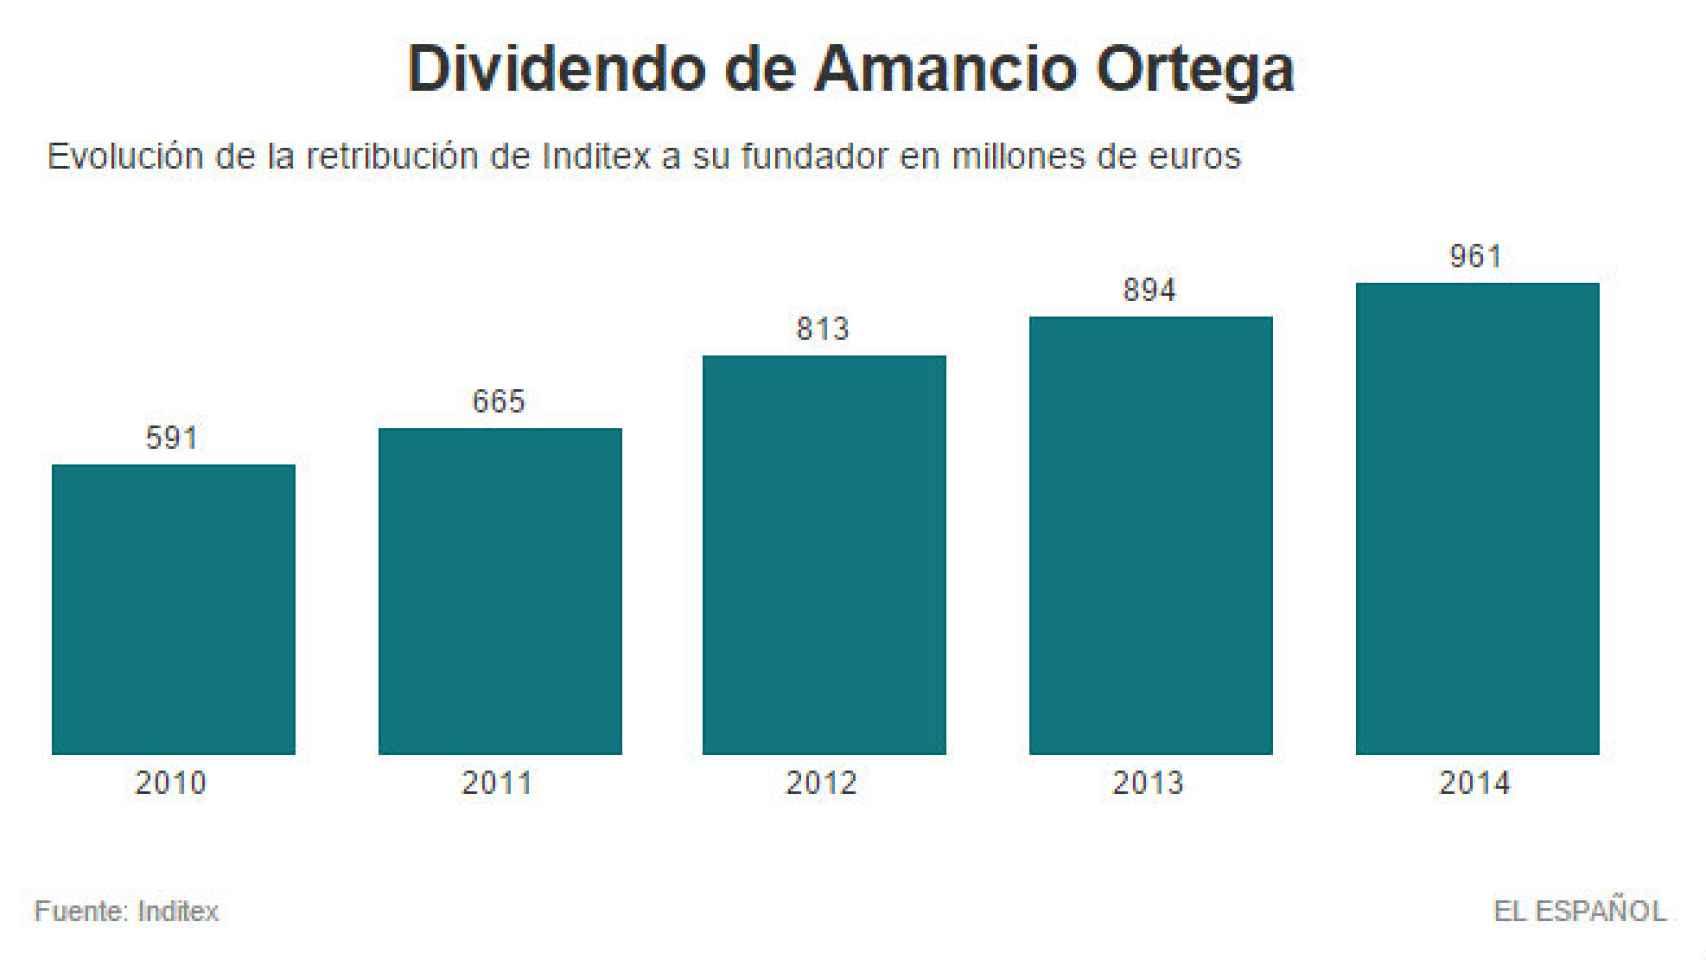 Evolución del dividendo de Amancio Ortega